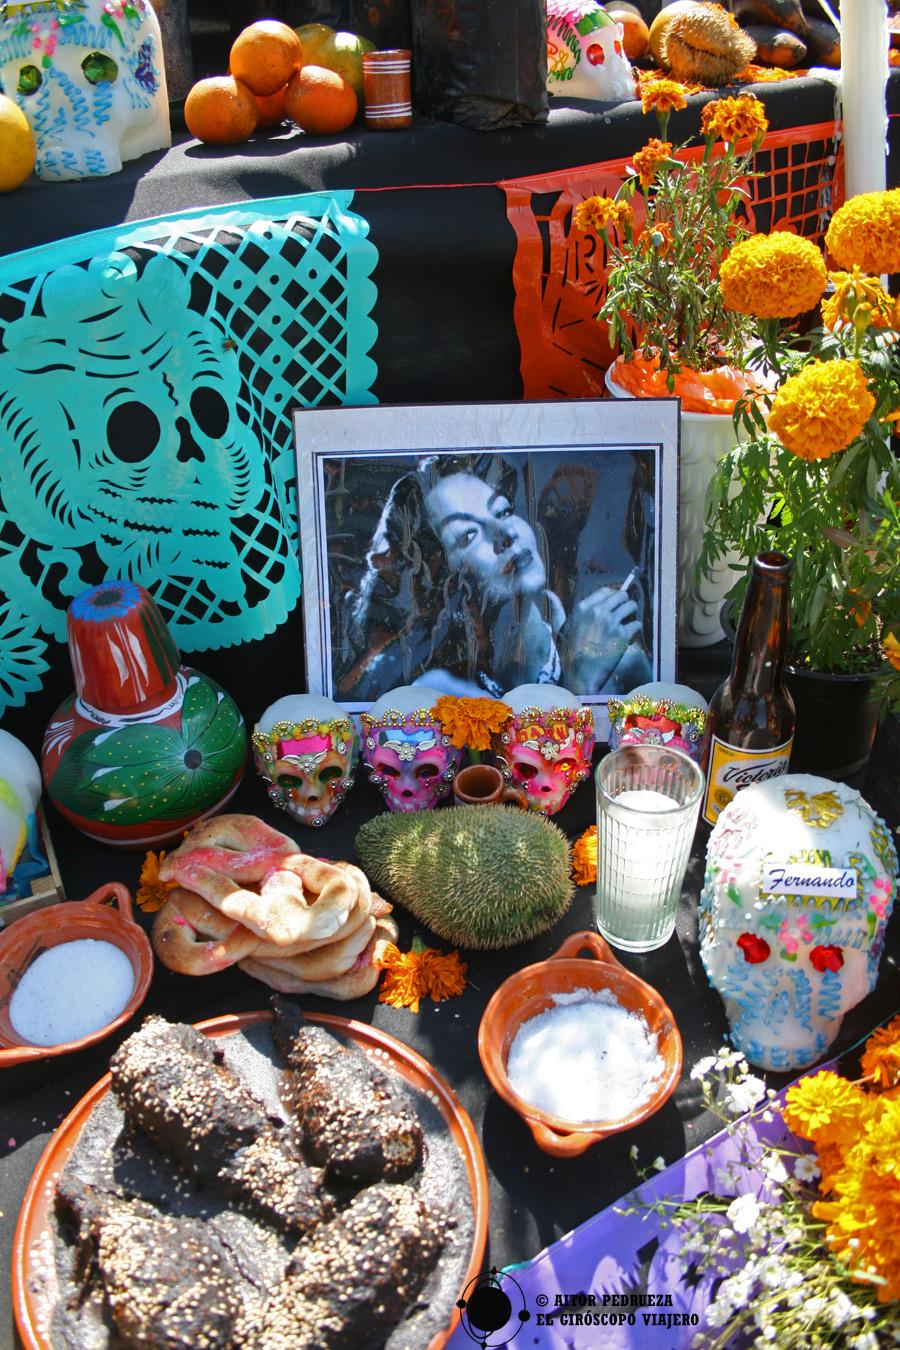 Ejemplo de una ofrenda a la actriz mexicana María Félix en el día de muertos